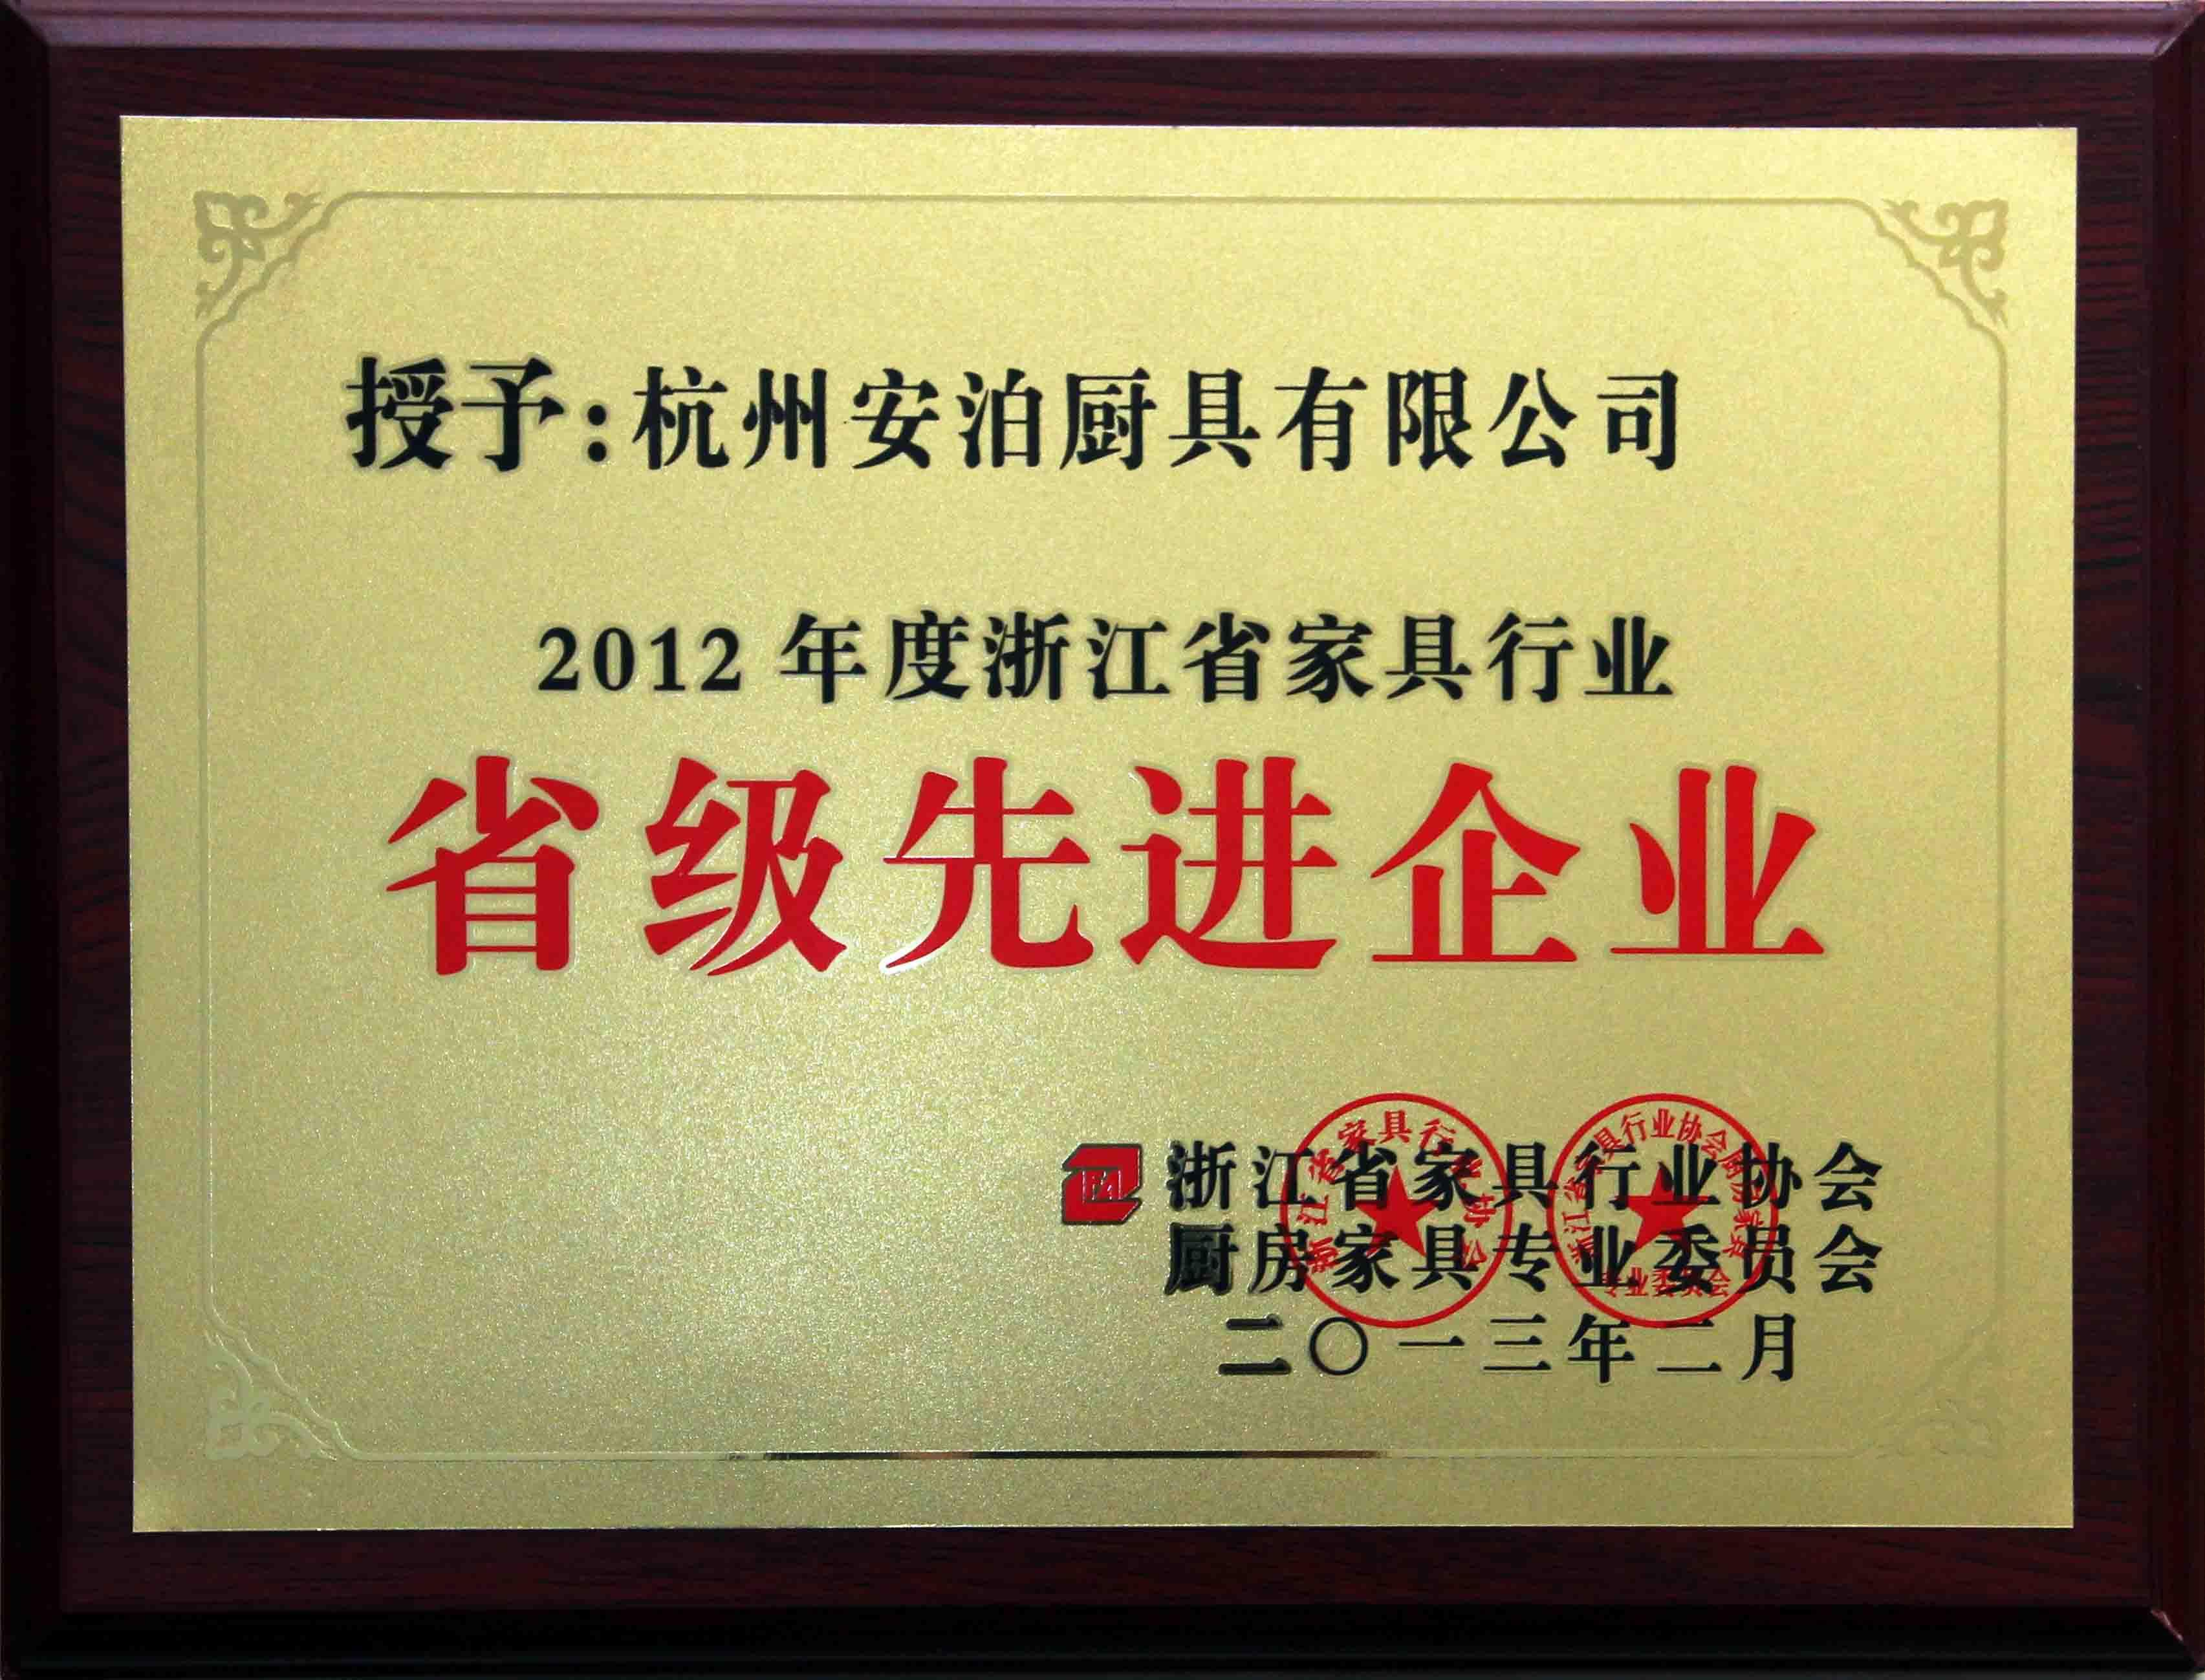 2012年度浙江省家具行业省级先进企业